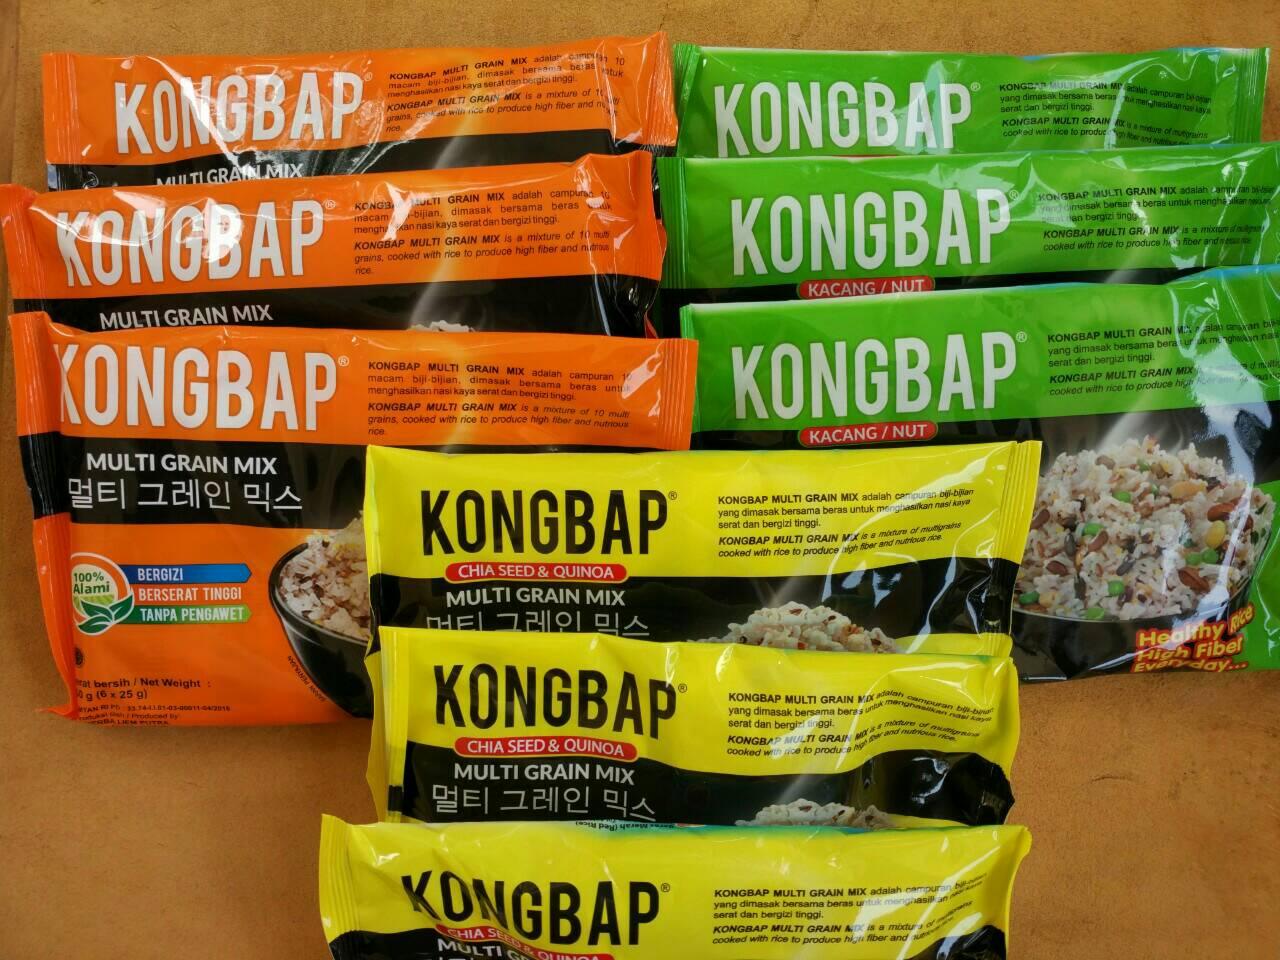 Jual Termurah Kongbap Original Chiaseed Quinoa Multi Grain Mix Kacang Maridibeeli Tokopedia